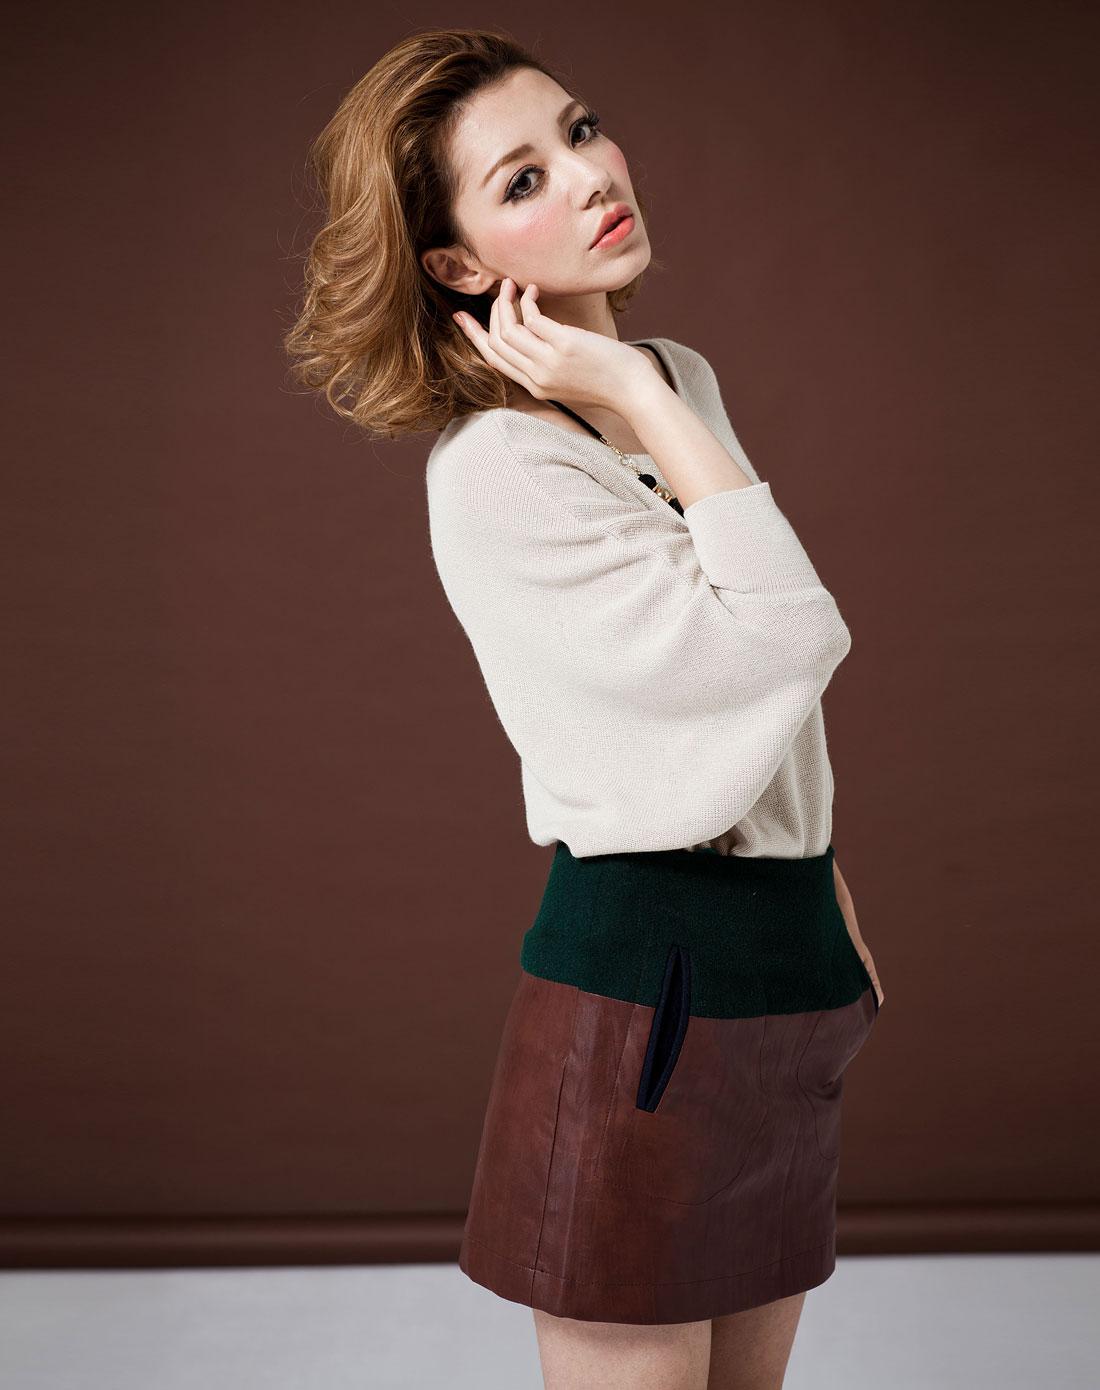 jeans墨绿拼咖啡色拼料时尚短裙u12a013-63